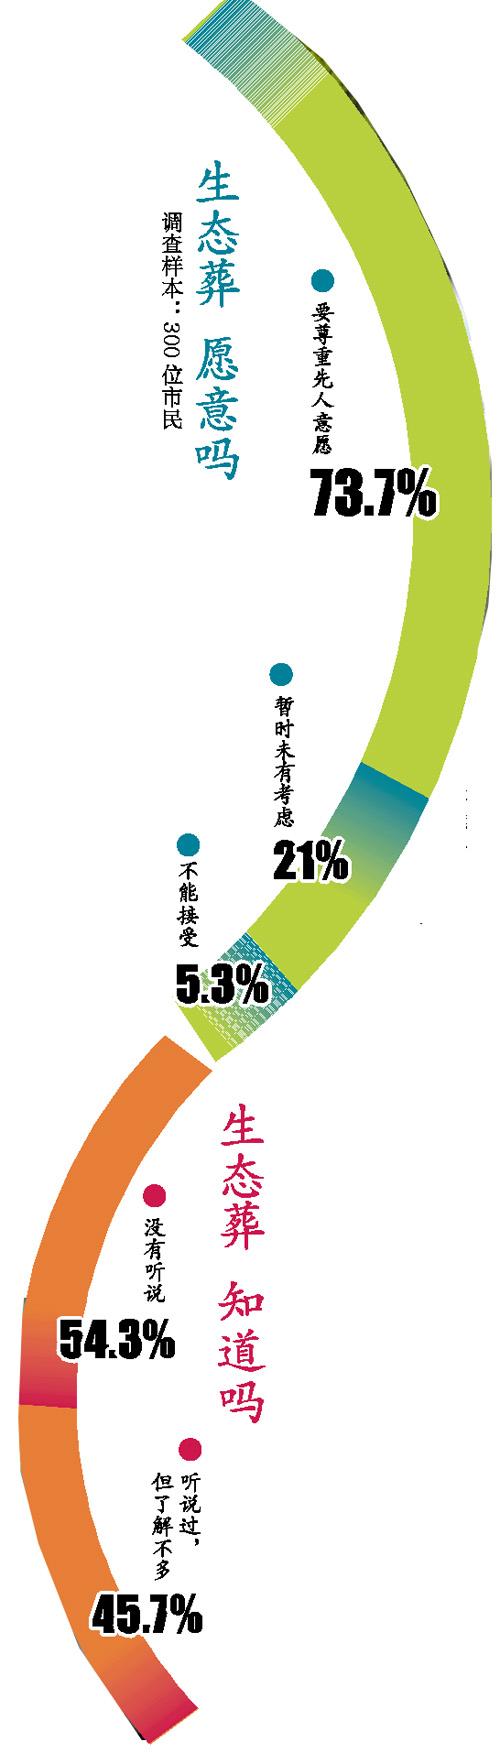 昨天,广州星河义冢,多量市民携鲜花祭品前来祭祖。